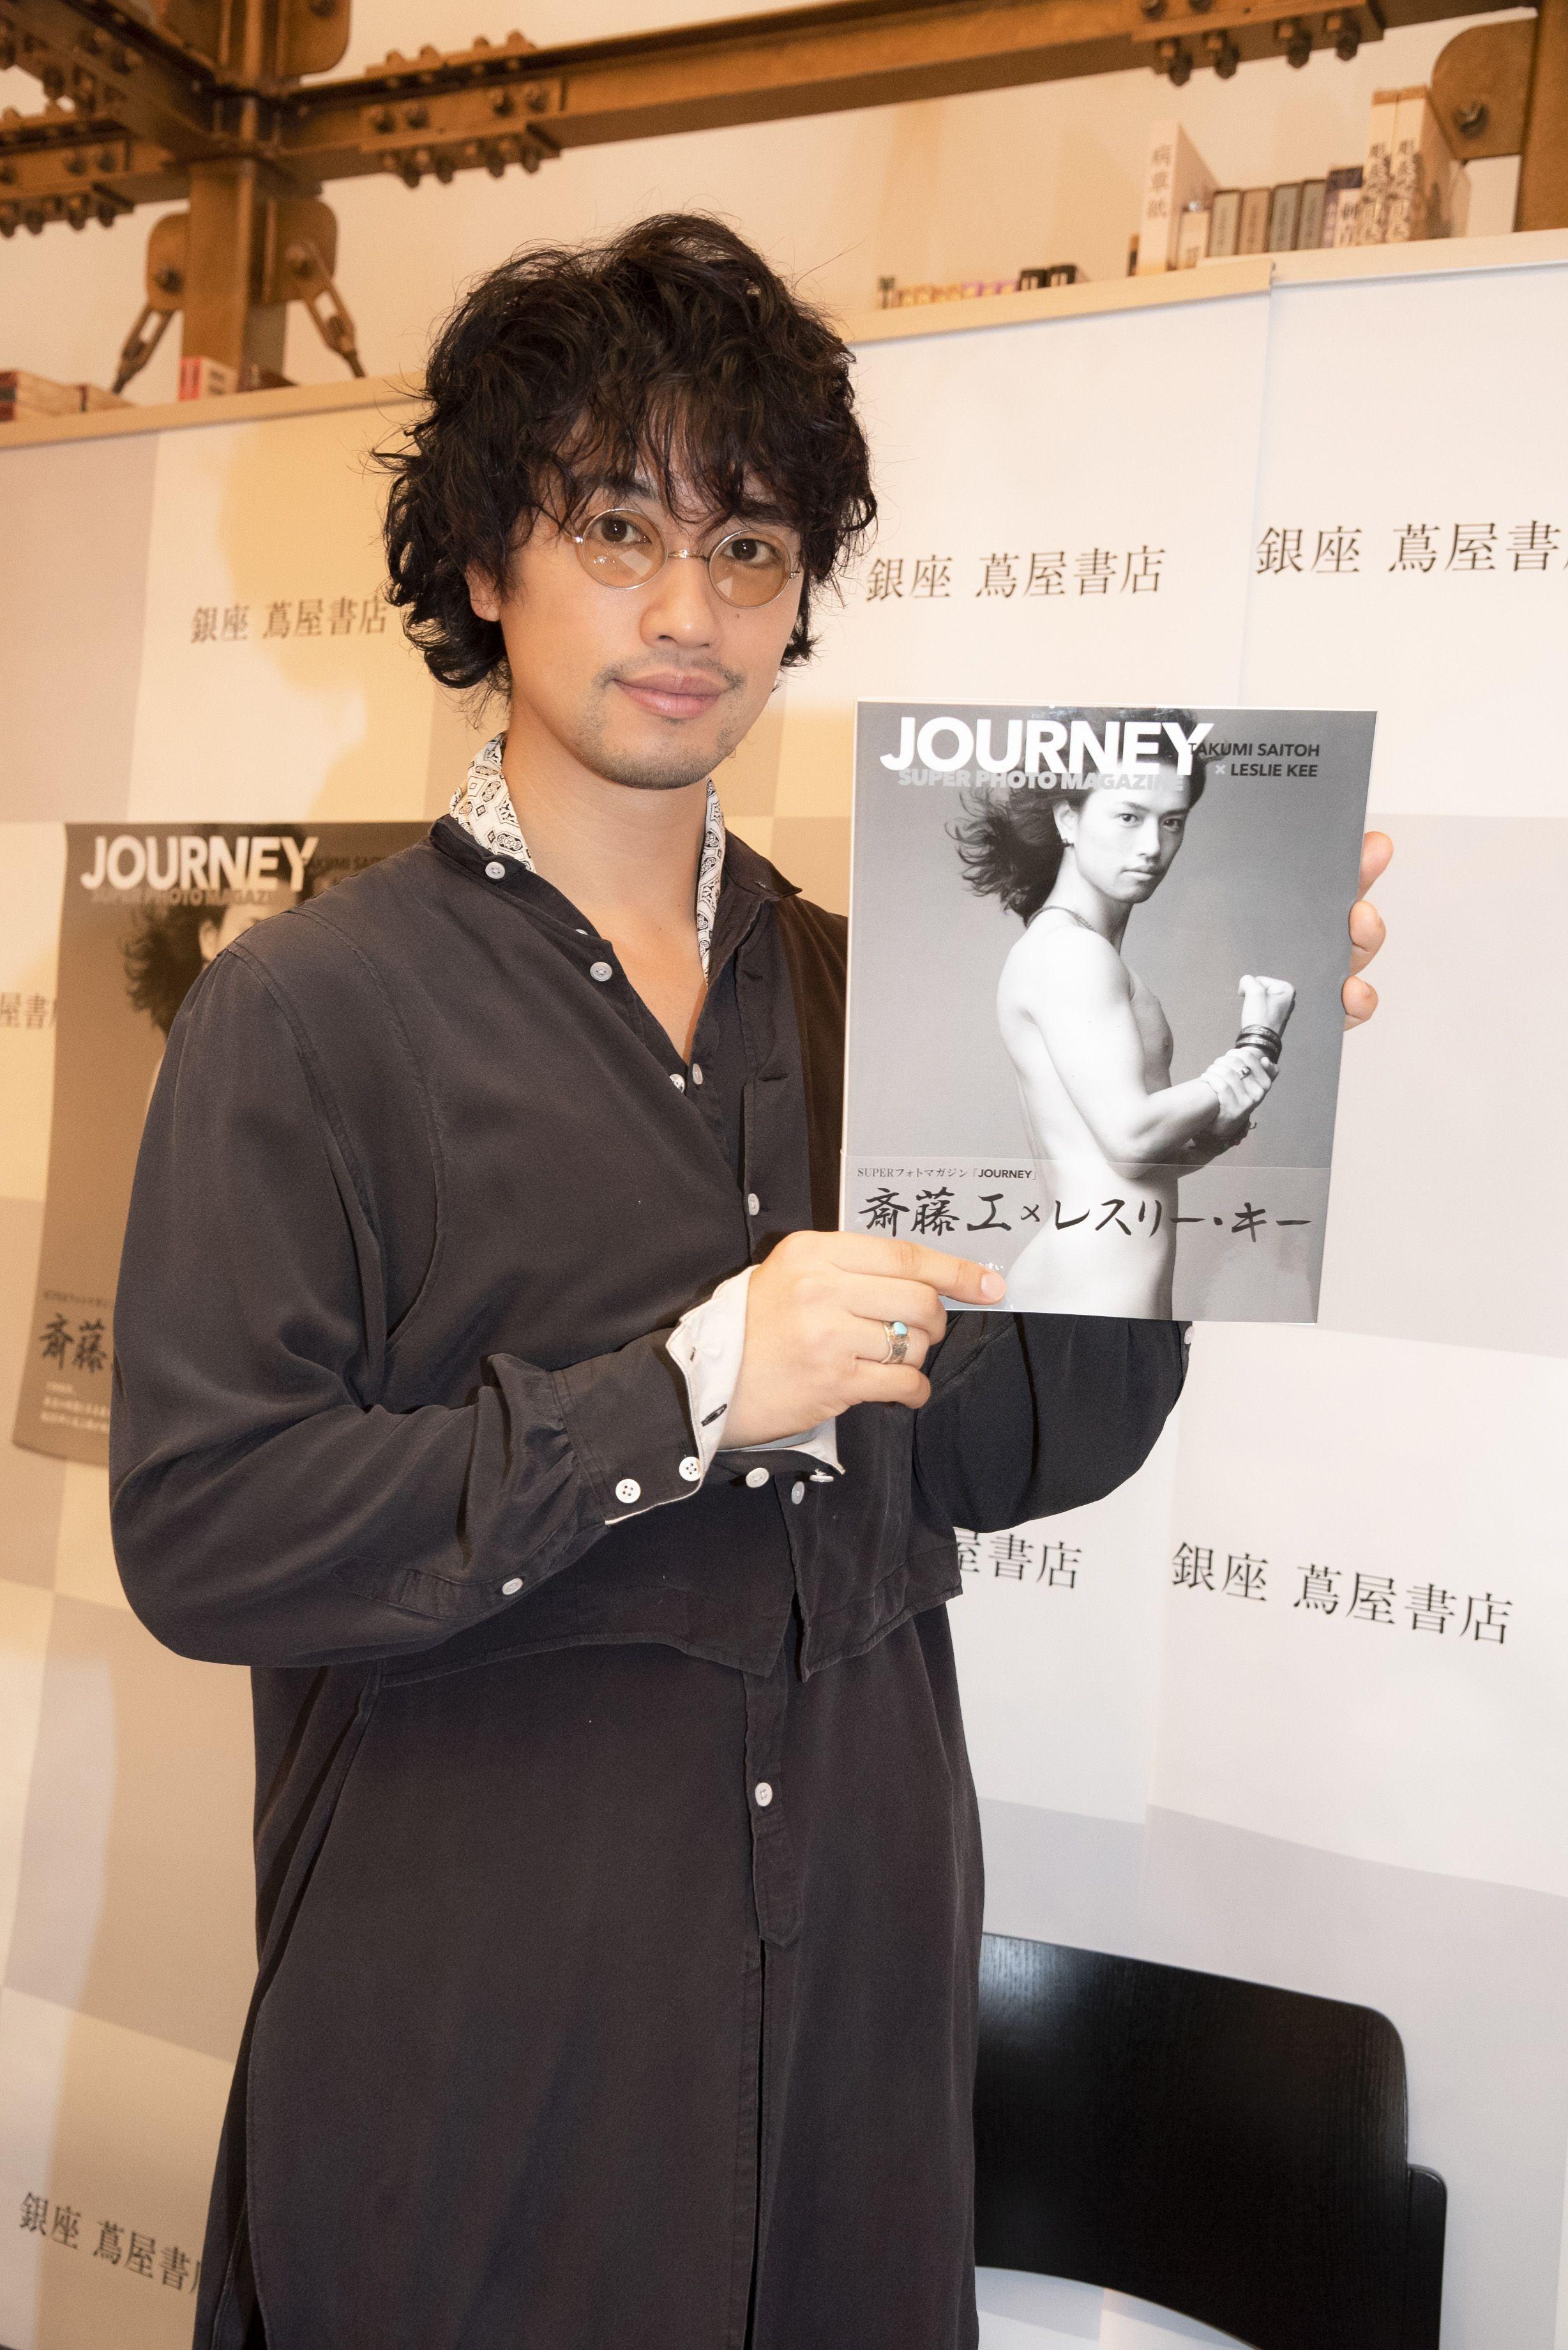 「斎藤工×LESLIEKEE SUPERフォトマガジン『JOURNEY』」 (東京ニュース通信社刊)